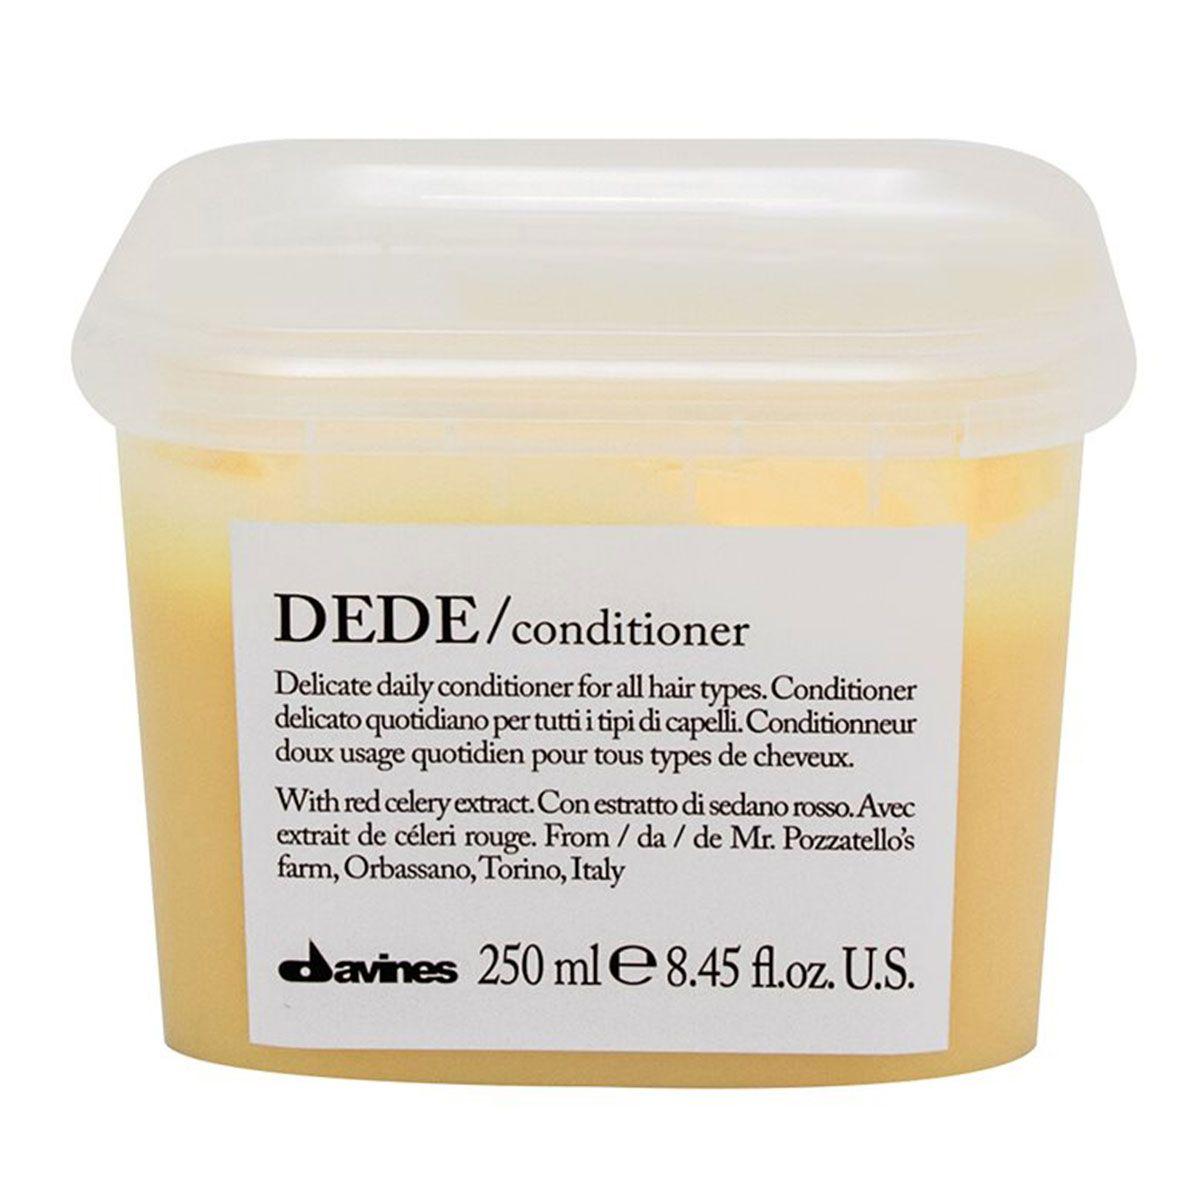 Davines Деликатный кондиционер Essential Haircare New Dede Conditioner, 250 мл75023Особая серия для бережного очищения волос любого типа. Активный экстракт красного сельдерея восстанавливает и питает локоны. Богатая важными антиоксидантами формула восстанавливает локоны. Минеральные соли, амино кислоты в высокой концентрации обеспечивают благоприятное воздействие на кудри, полностью очищают волосы, дарят им свежесть и чистоту.